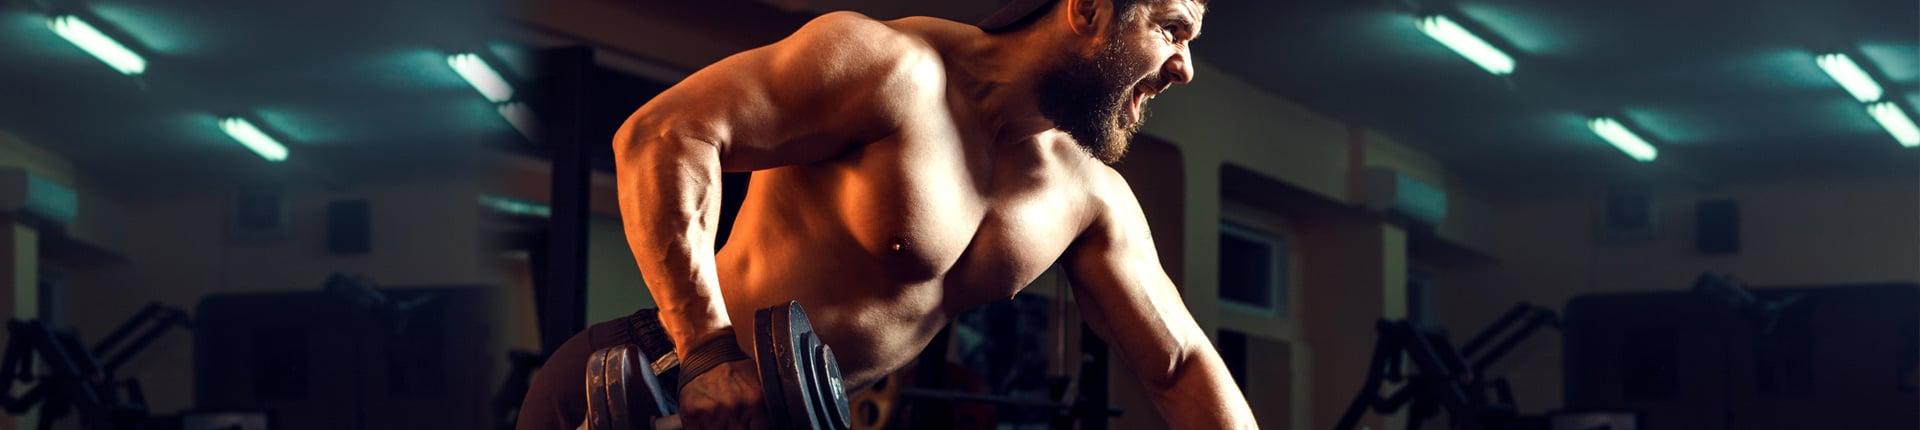 Trening na siłę: Przykładowy plan treningowy na siłę